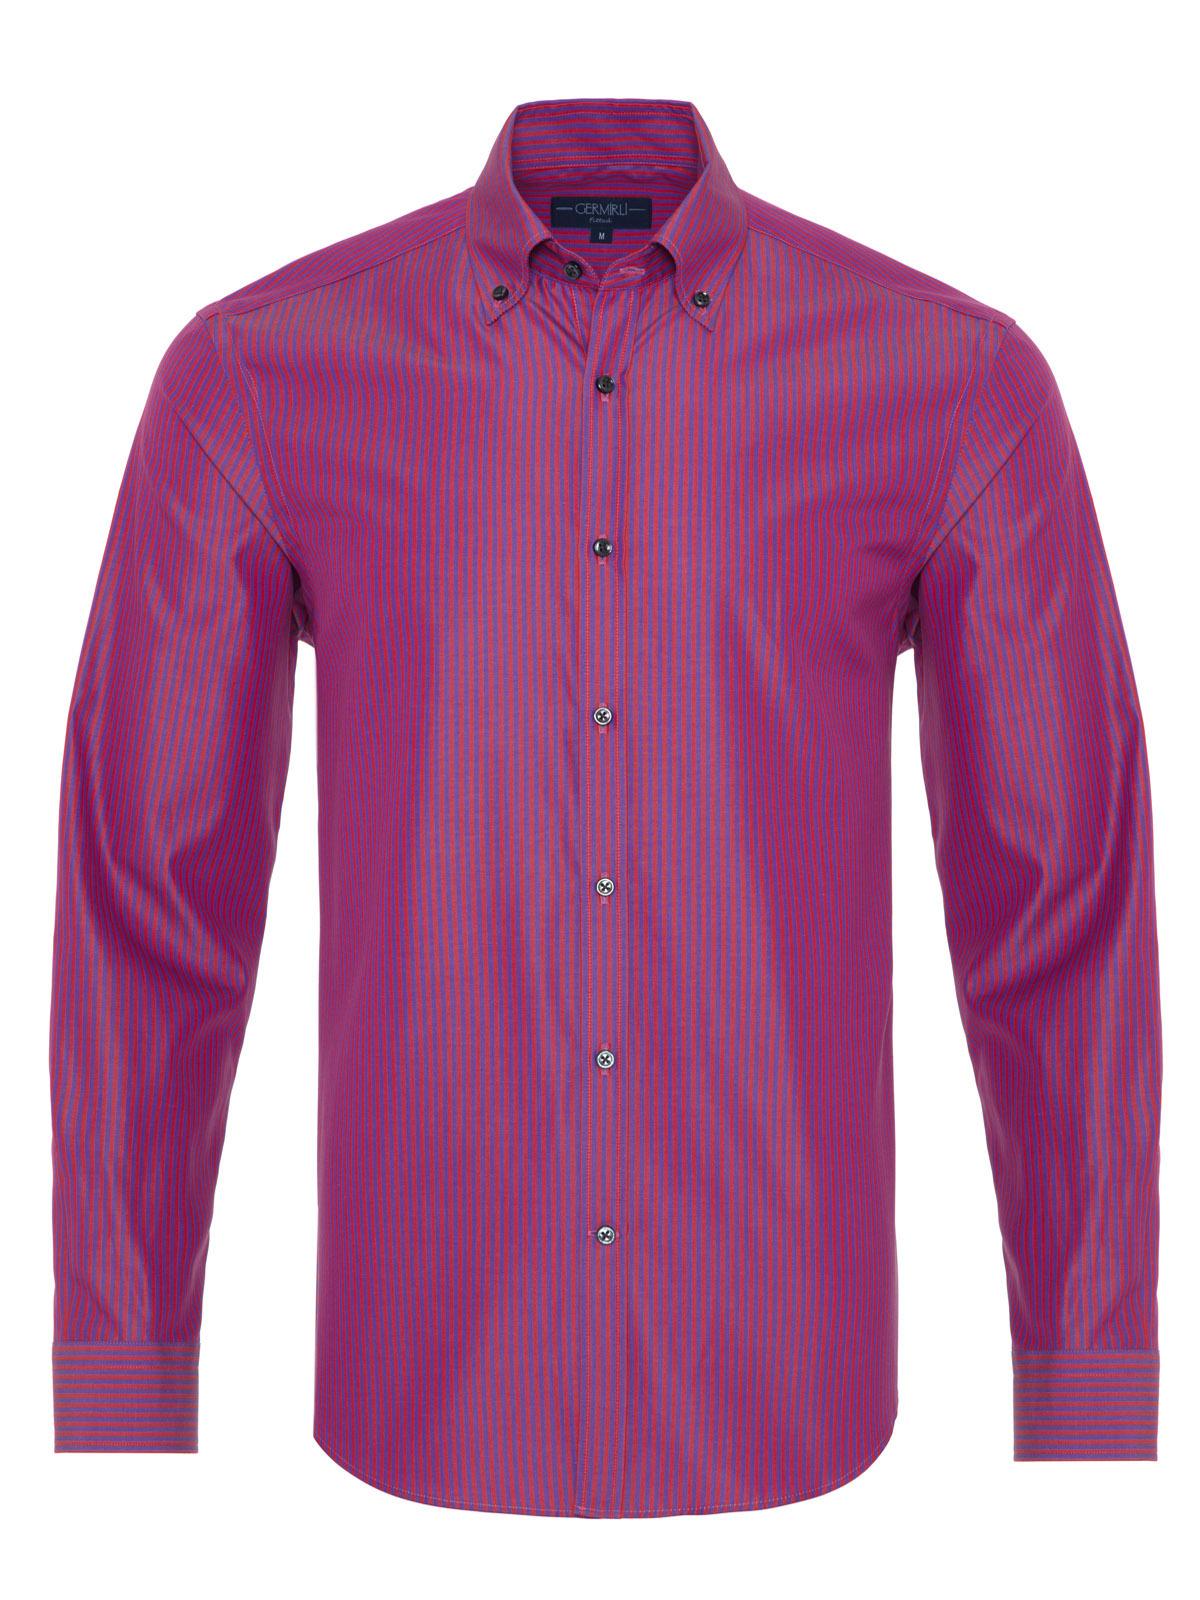 Germirli - Germirli Kırmızı Mor Çizgili Düğmeli Yaka Tailor Fit Gömlek